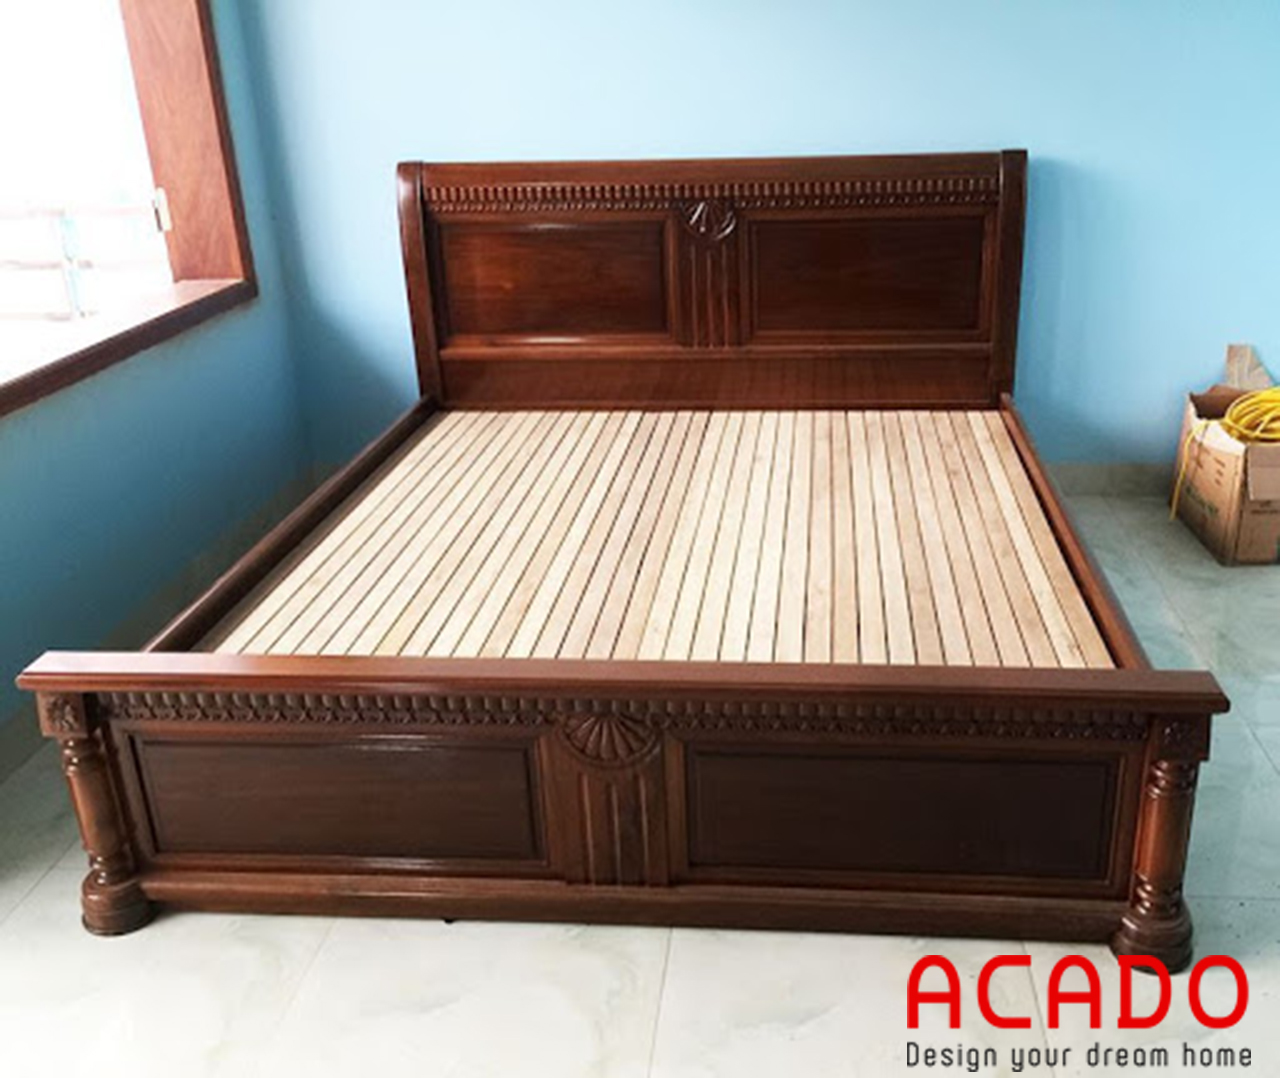 Giường ngủ gỗ hương kiểu dáng cổ điển sang trọng